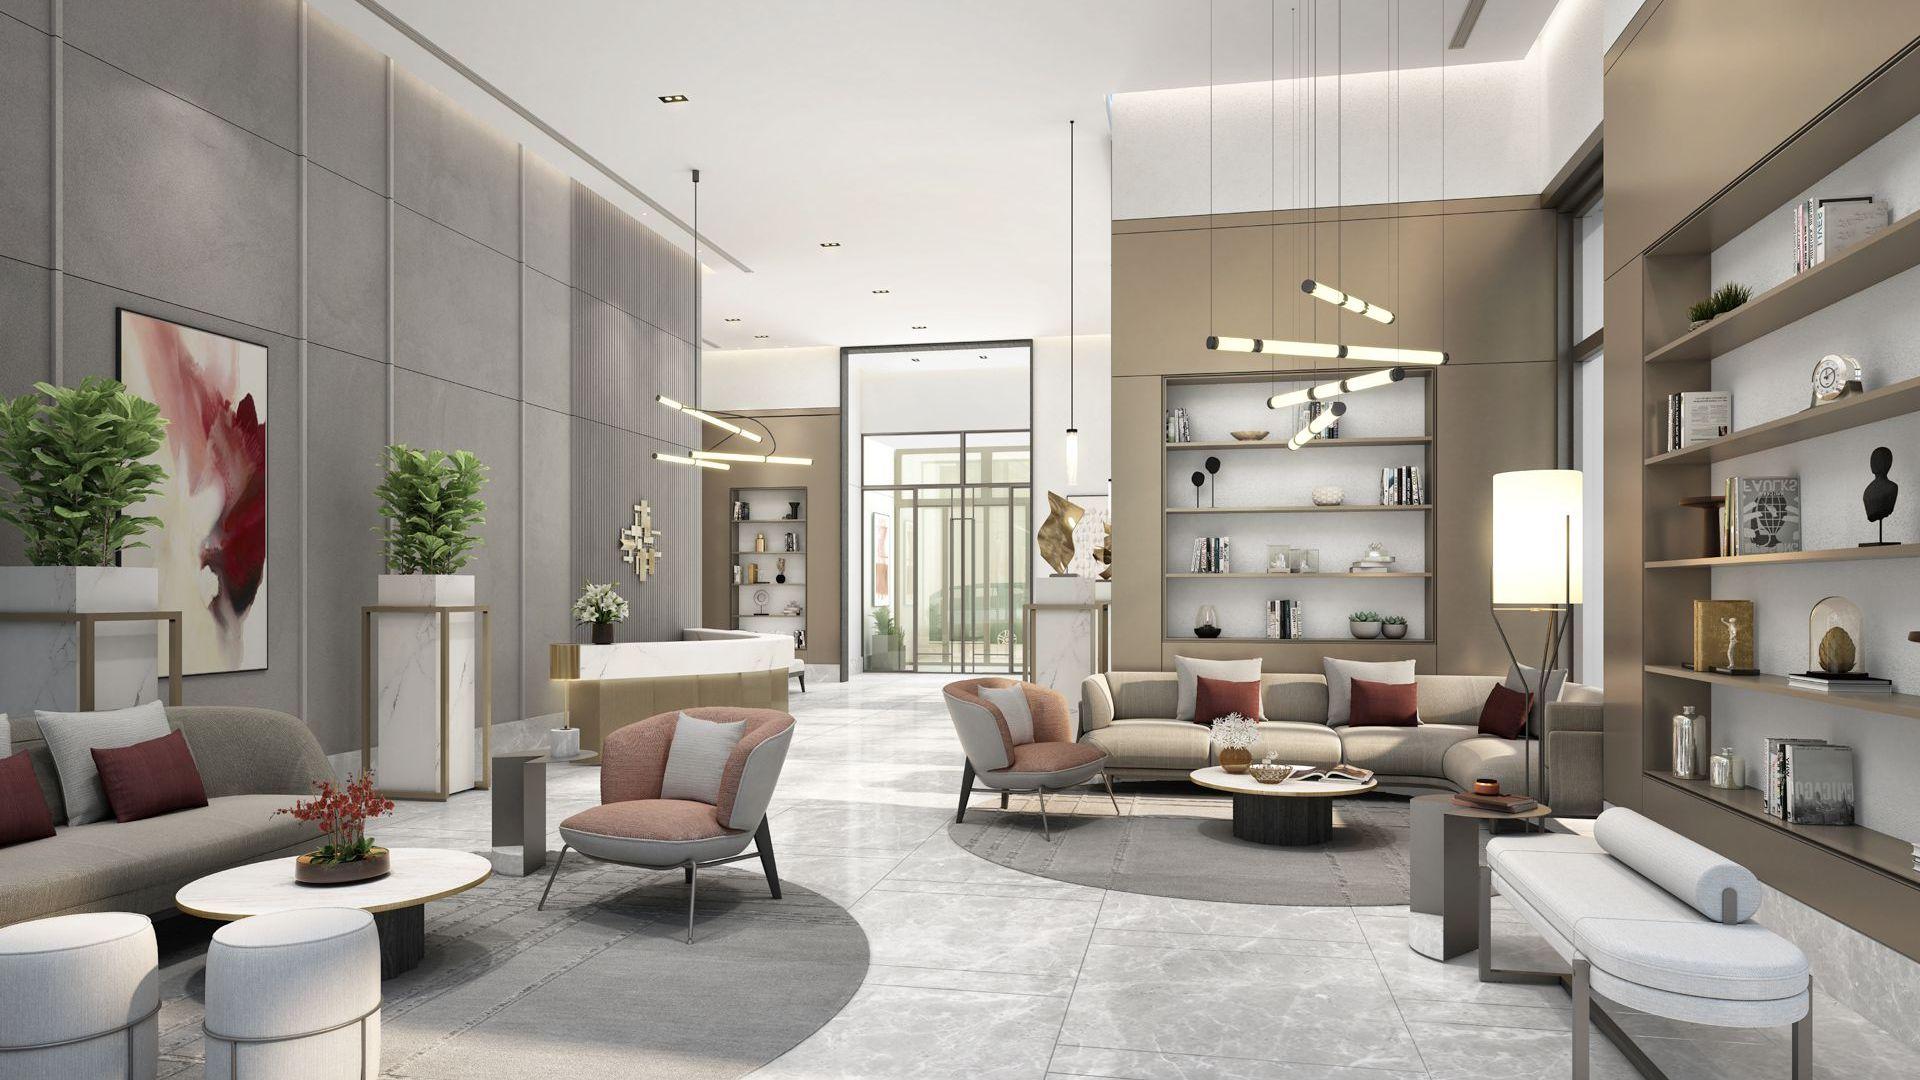 Apartment for sale in Dubai, UAE, 1 bedroom, 59 m2, No. 24269 – photo 5